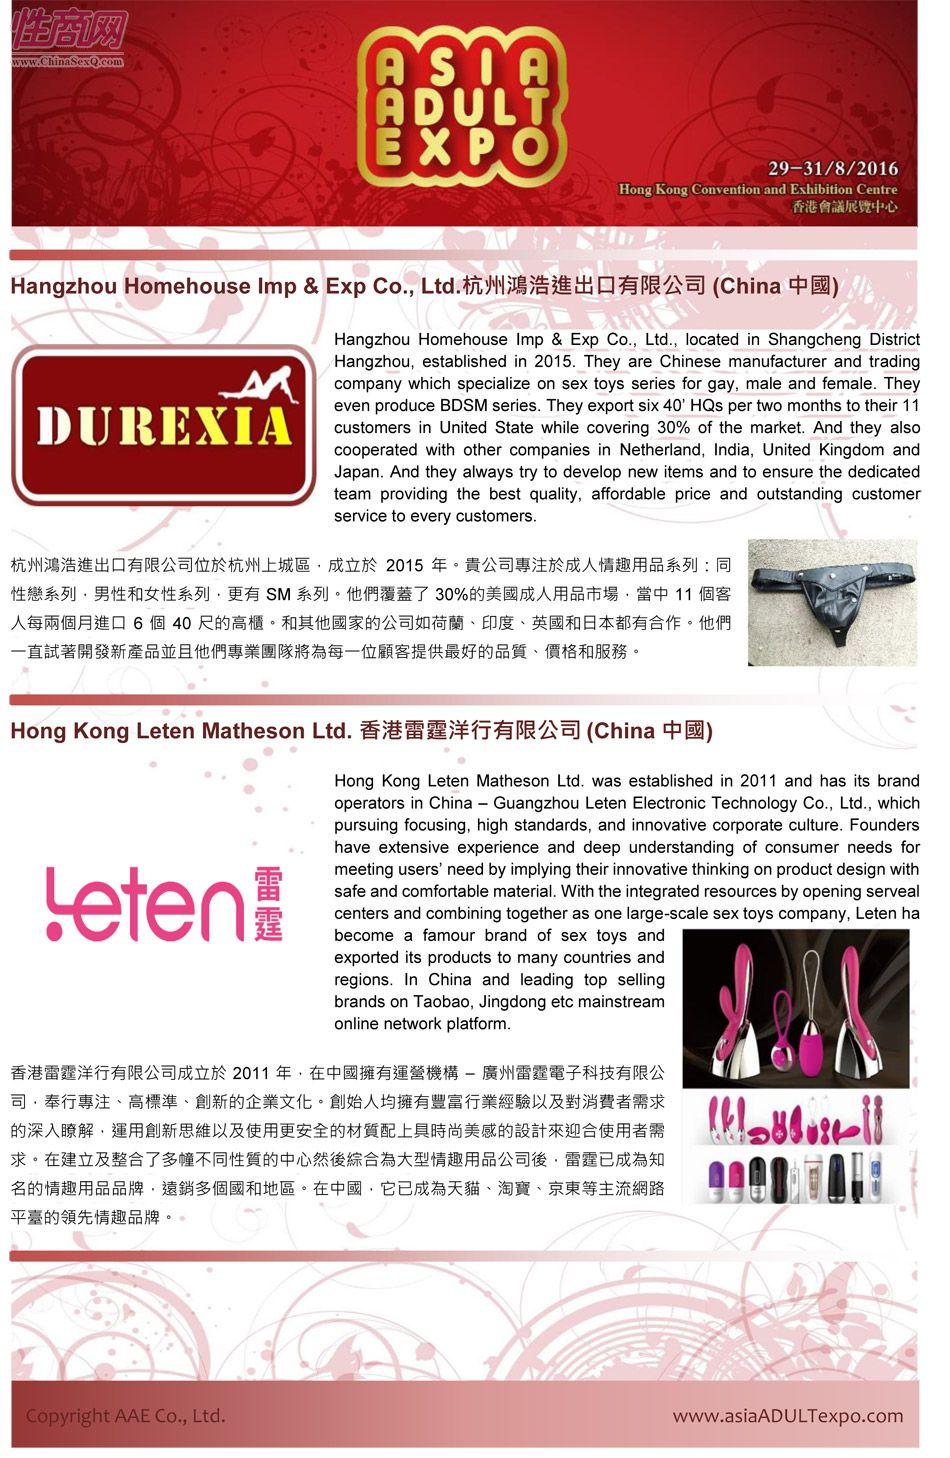 2016年亚洲成人博览AAE(香港)参展企业图片7